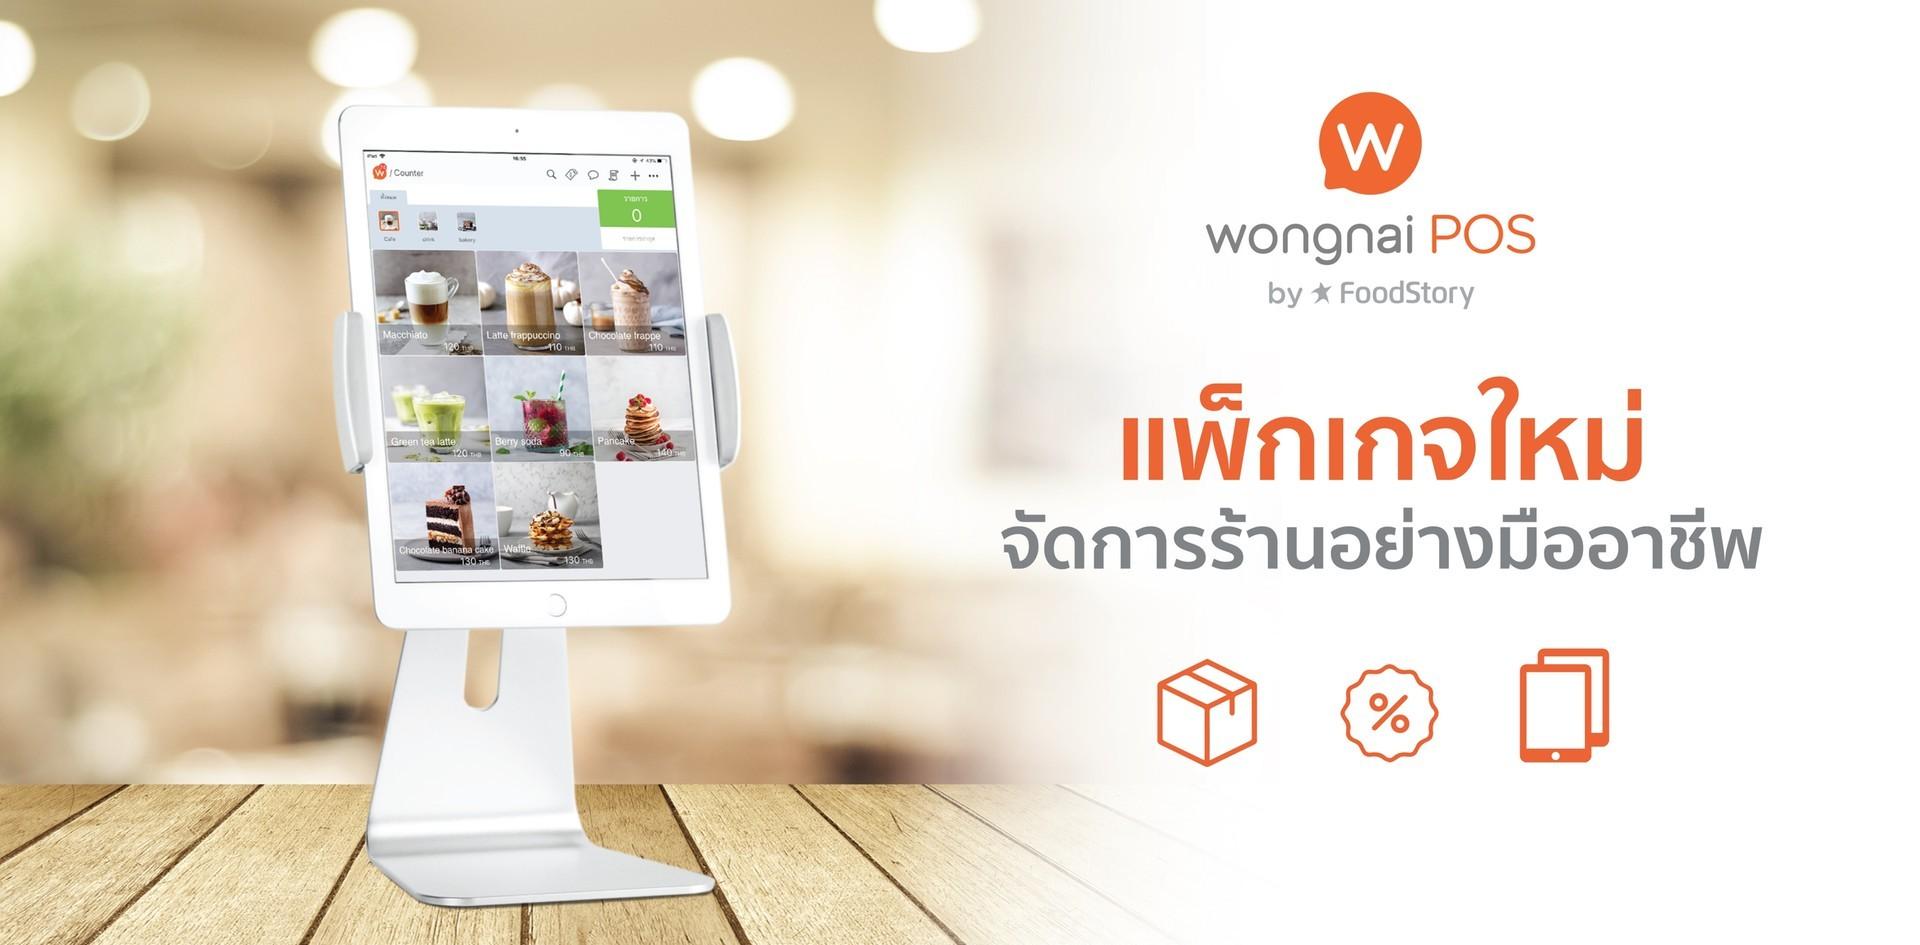 Wongnai POS